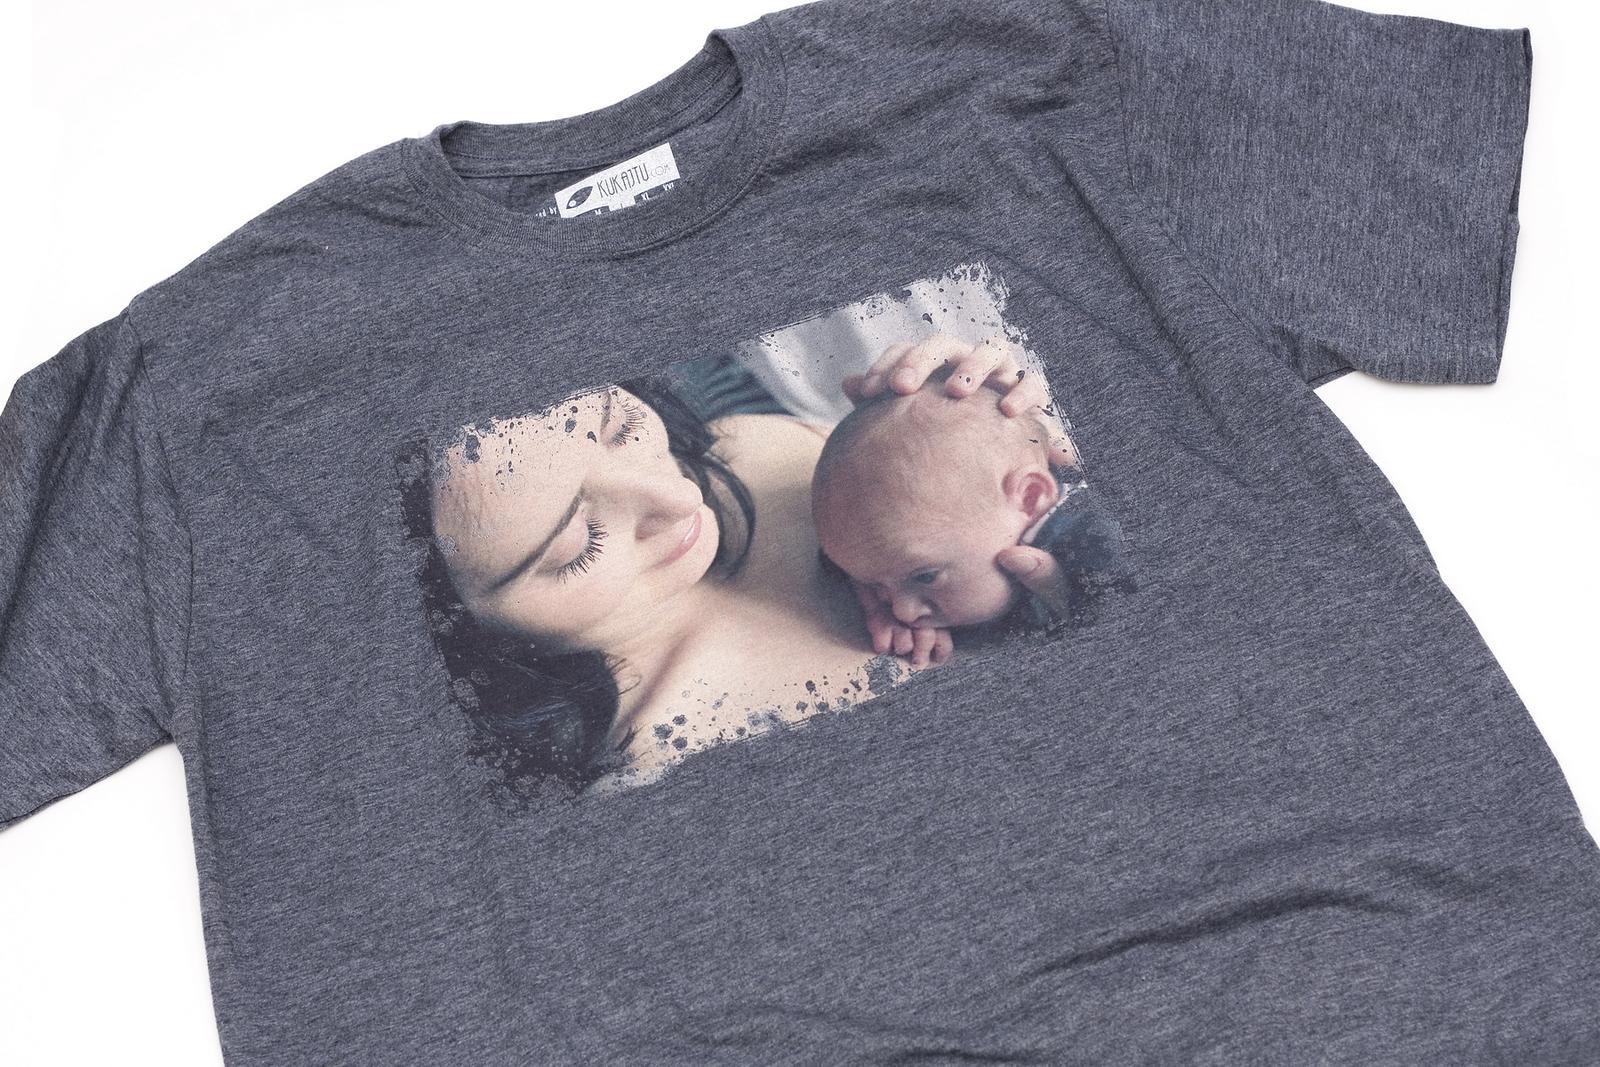 Tričká s motívom podľa Tvojich predstáv - Chceš aj Ty tričko s vlastným motívom? Neváhaj a napíš!